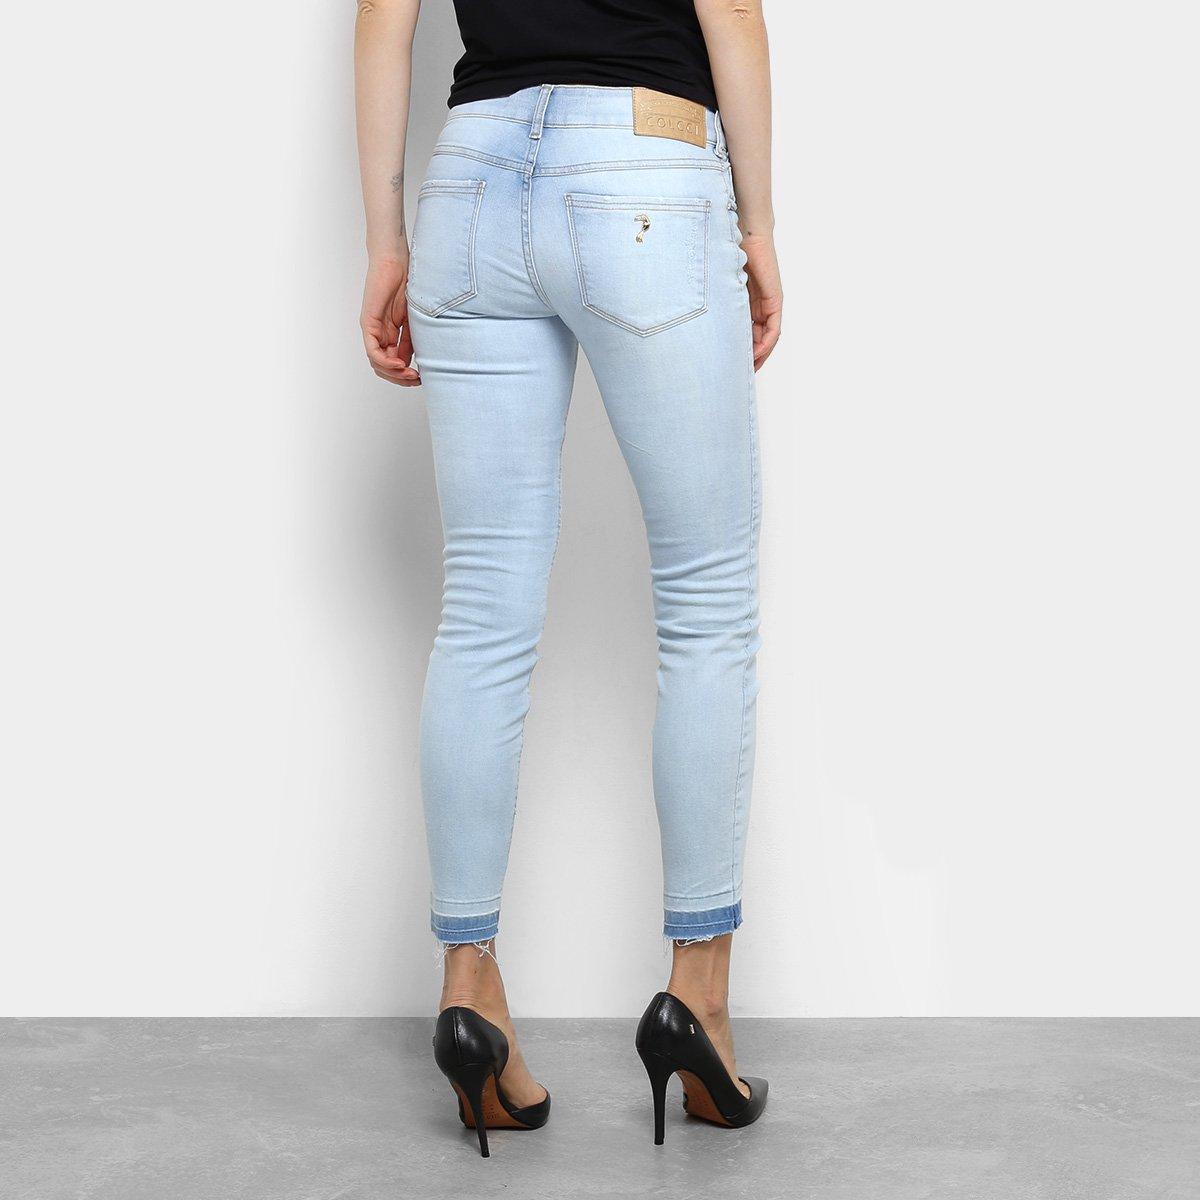 e66daef09 Calça Jeans Skinny Colcci Fátima Barra Assimétrica Cintura Média ...